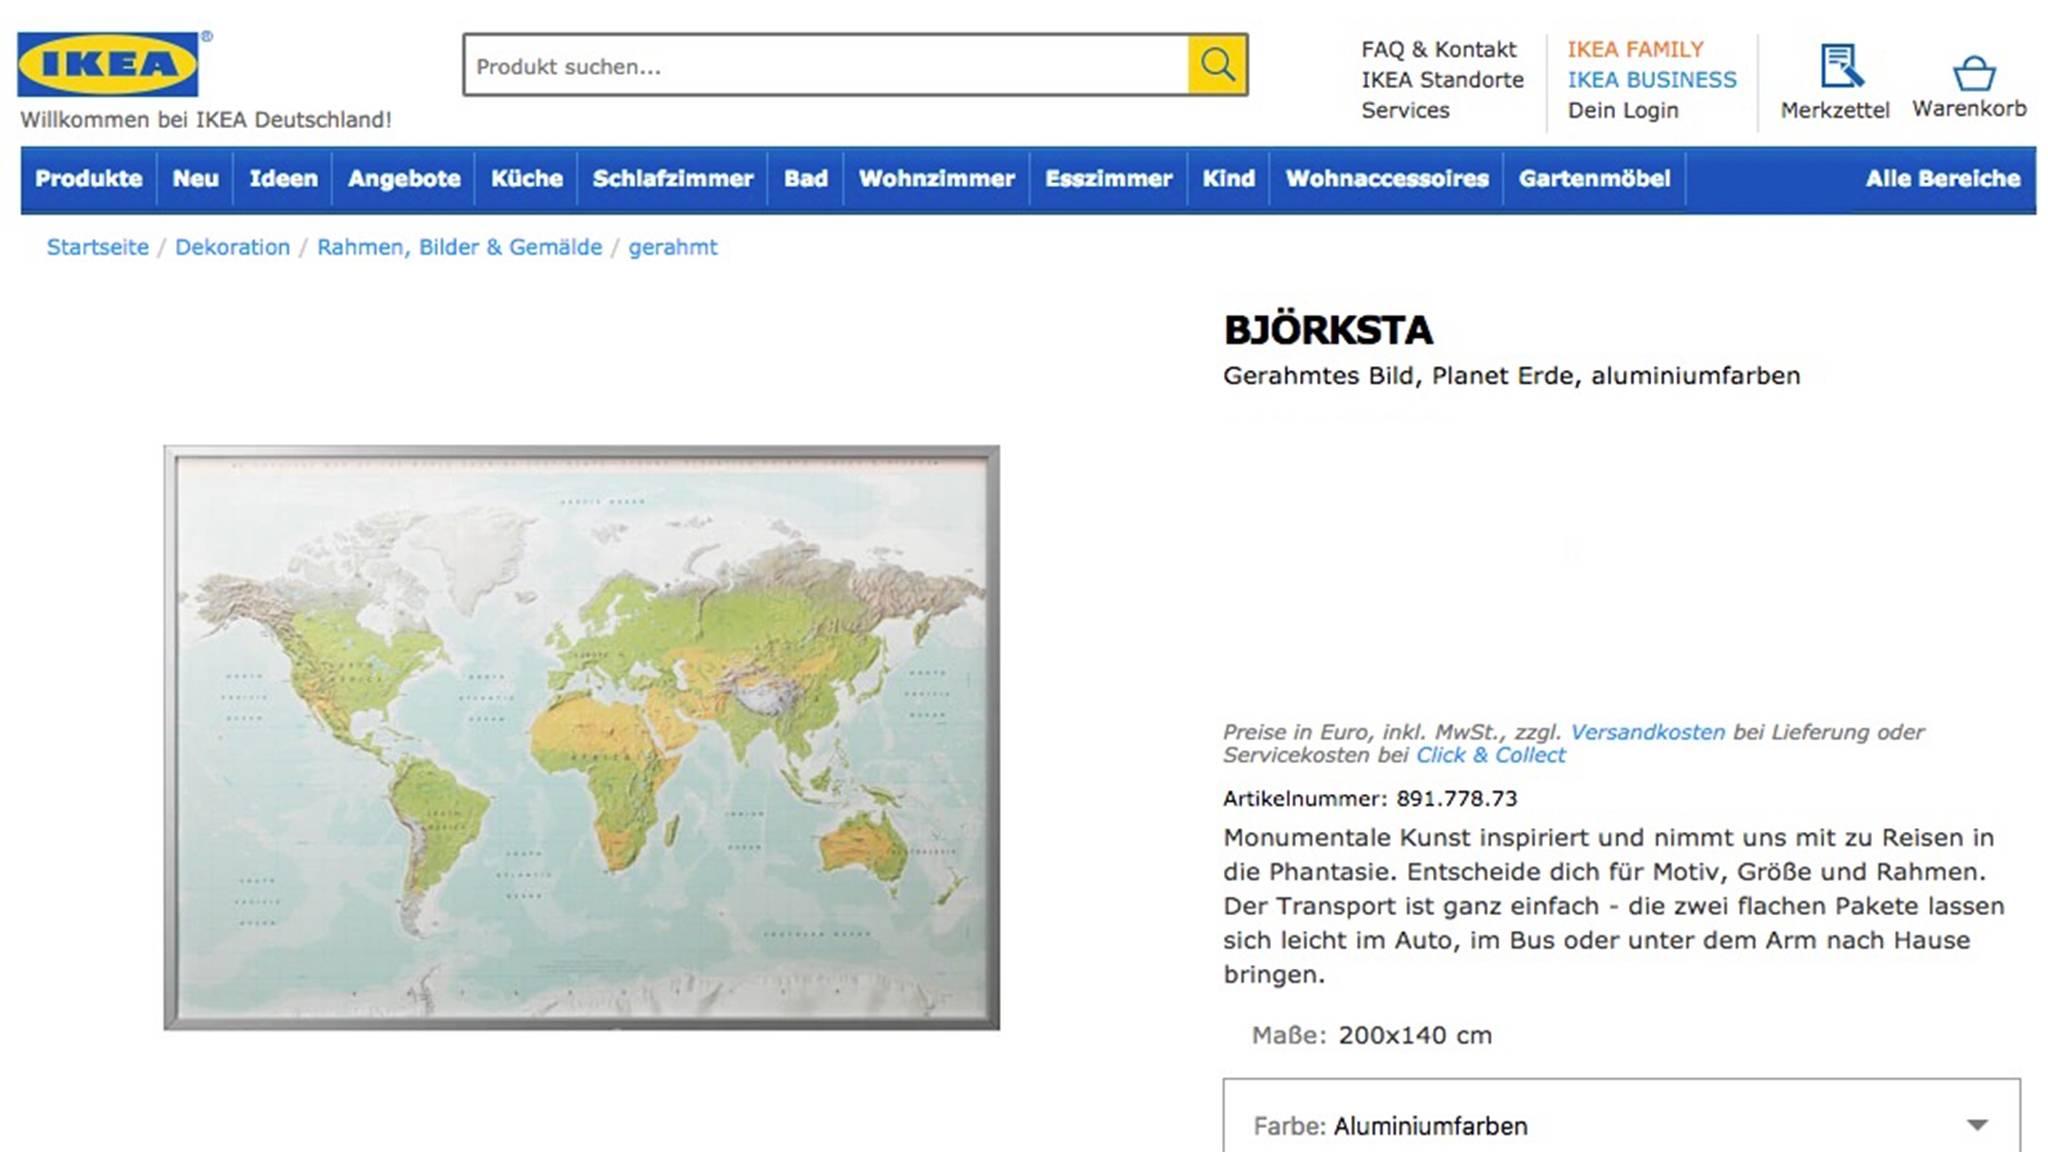 Bjorksta Ikea Vergisst Neuseeland Auf Karte Stern De